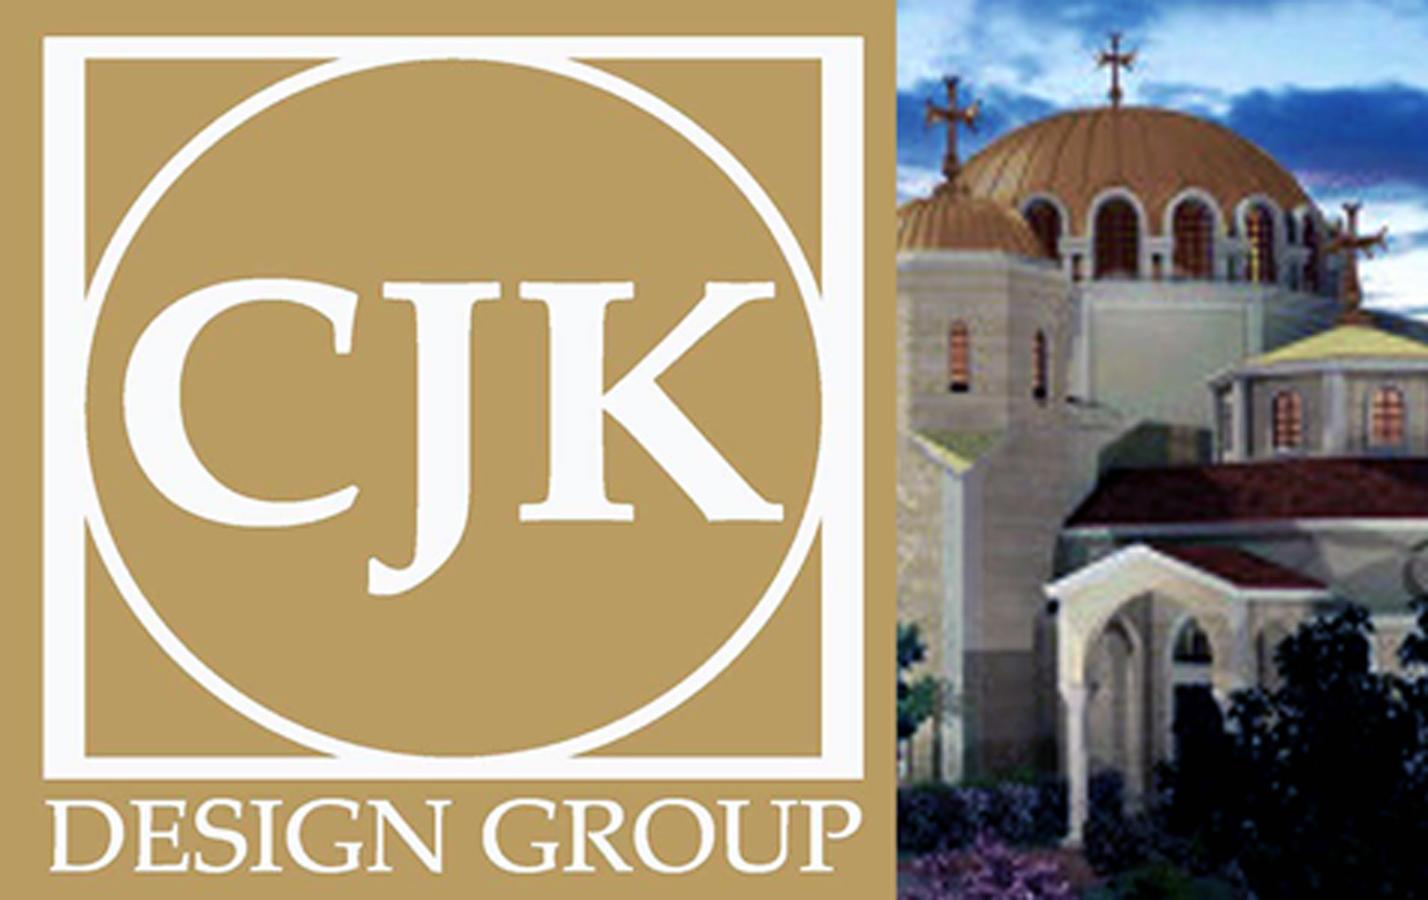 CJK Design